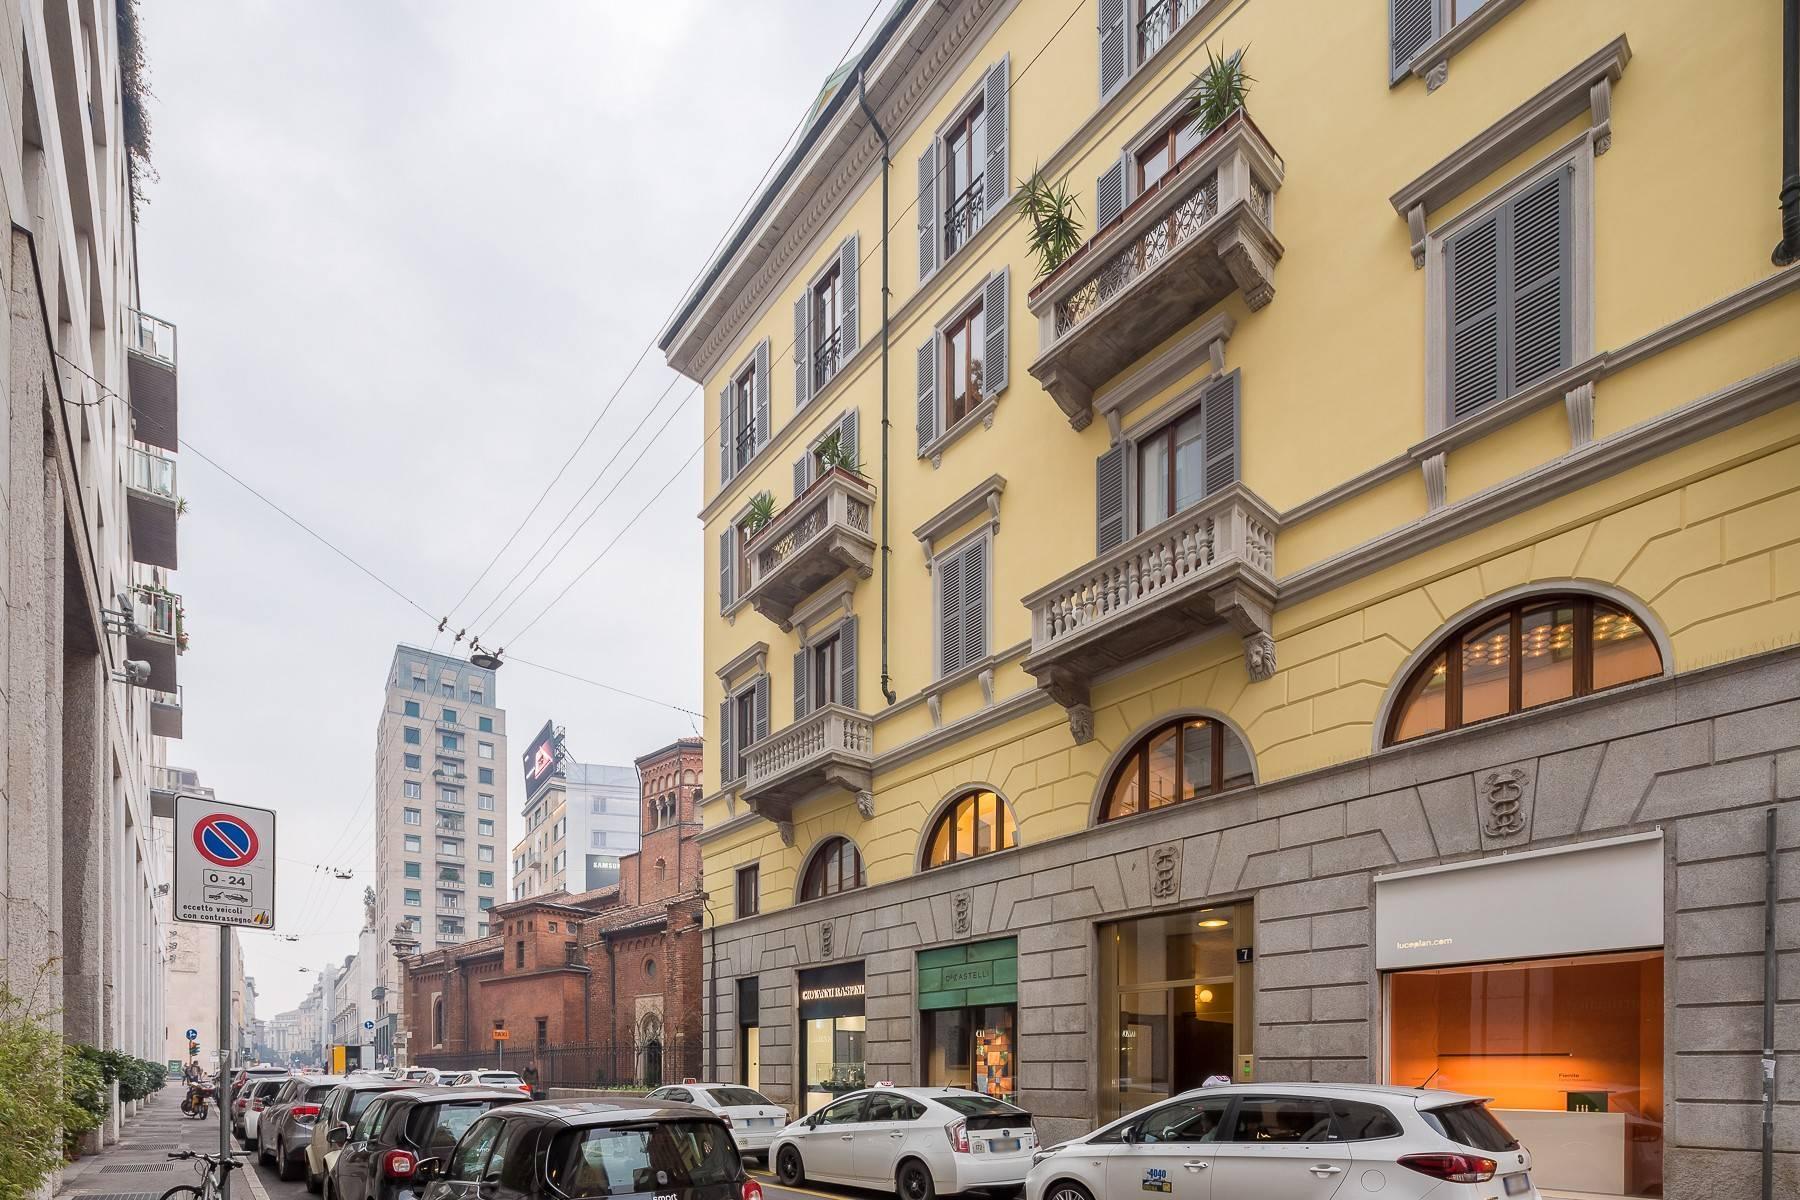 Charmante möblierte Wohnung im San Babila Stadtviertel - 26